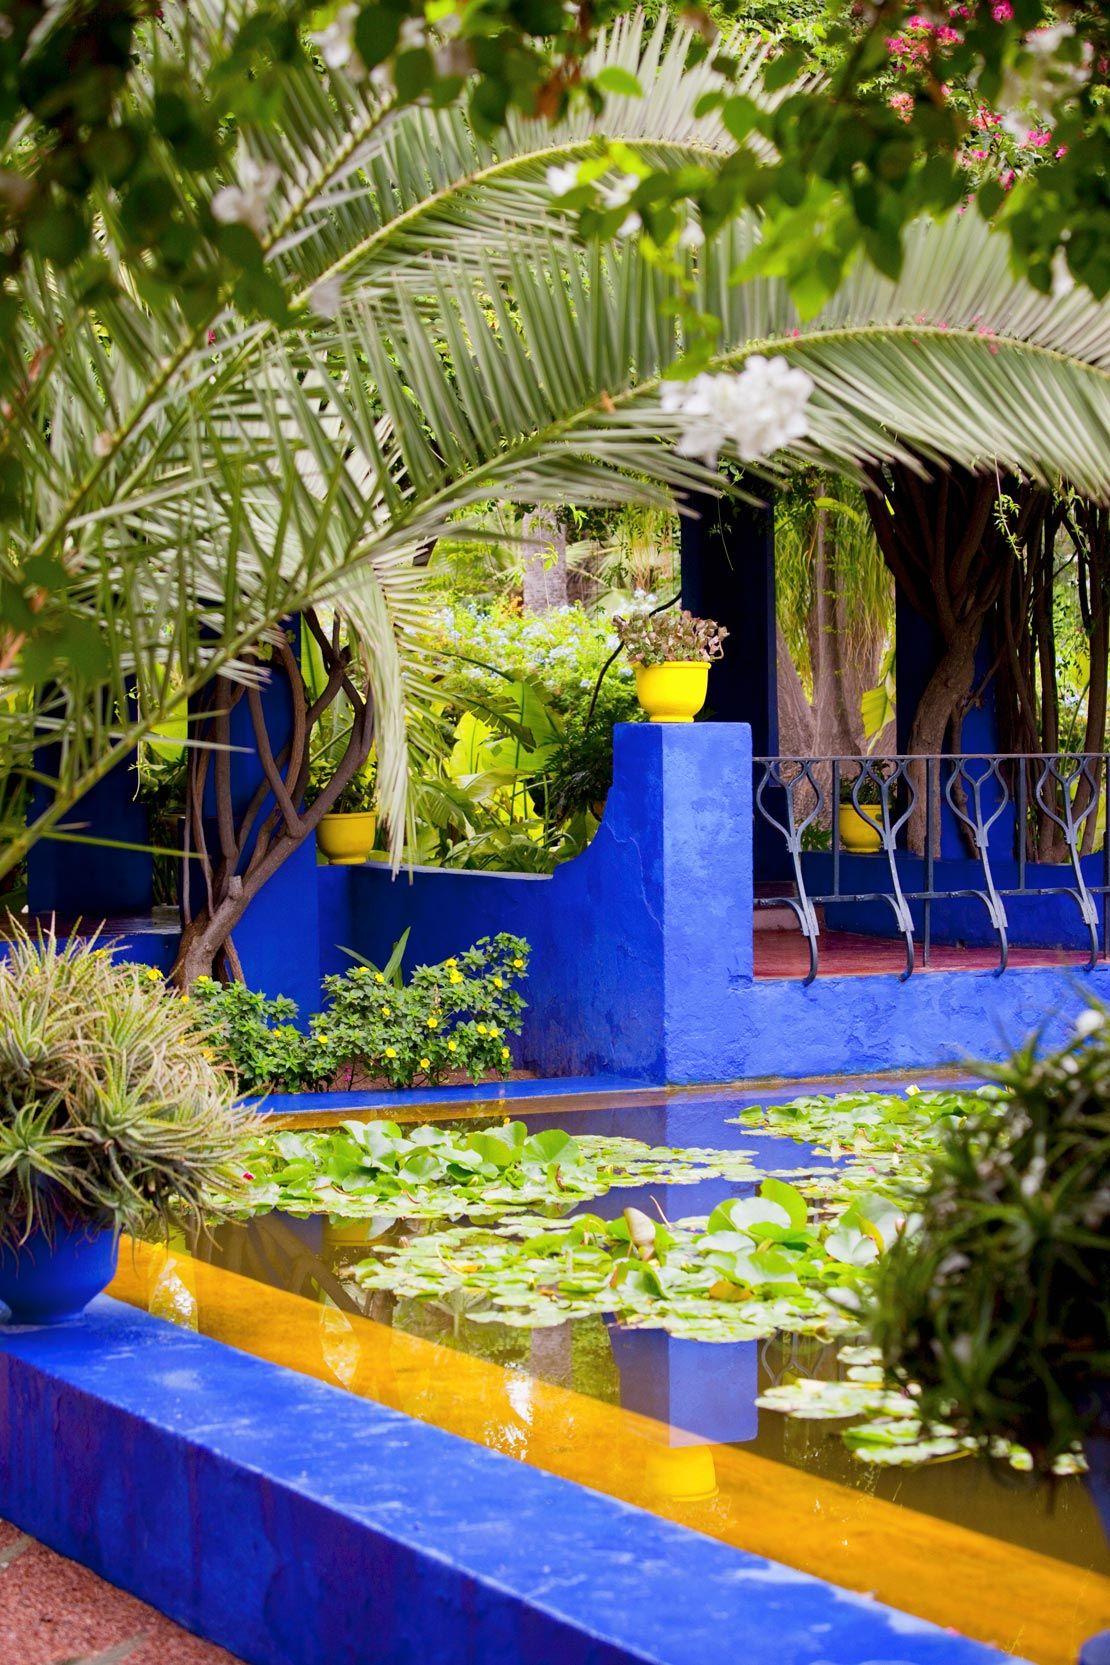 Jardin Majorelle Traum Von Marrakesch Mehr Im Westwing Blauer Garten Und Marrakesch